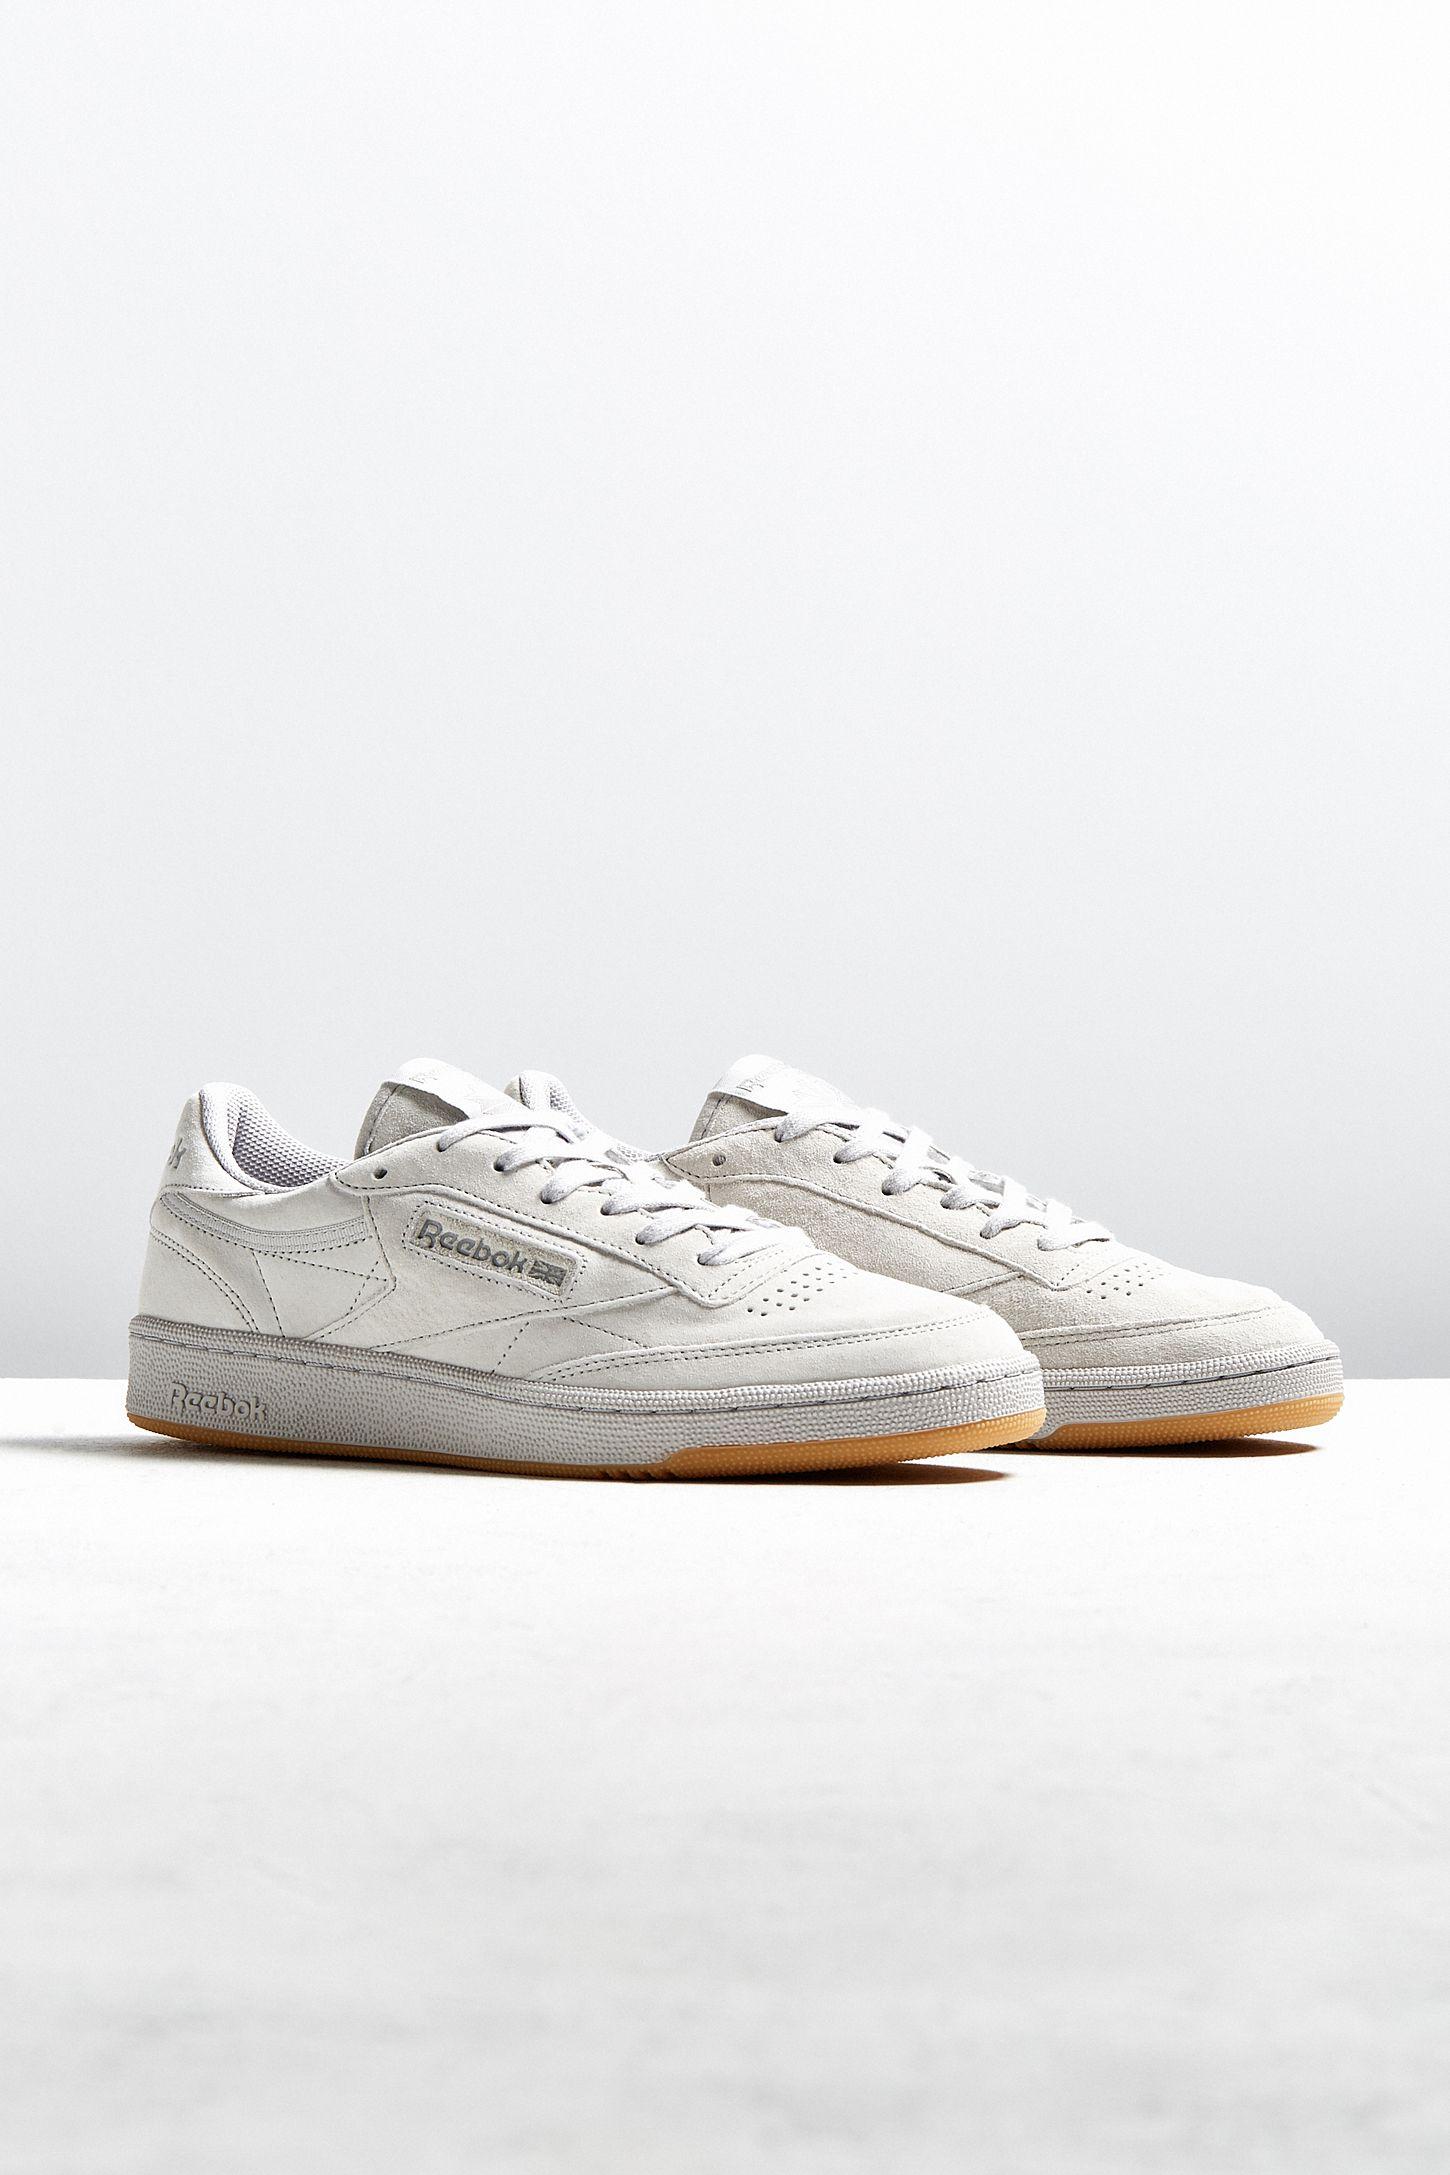 30f1bd5c1c2 Reebok Club C 85 TG White Sneaker